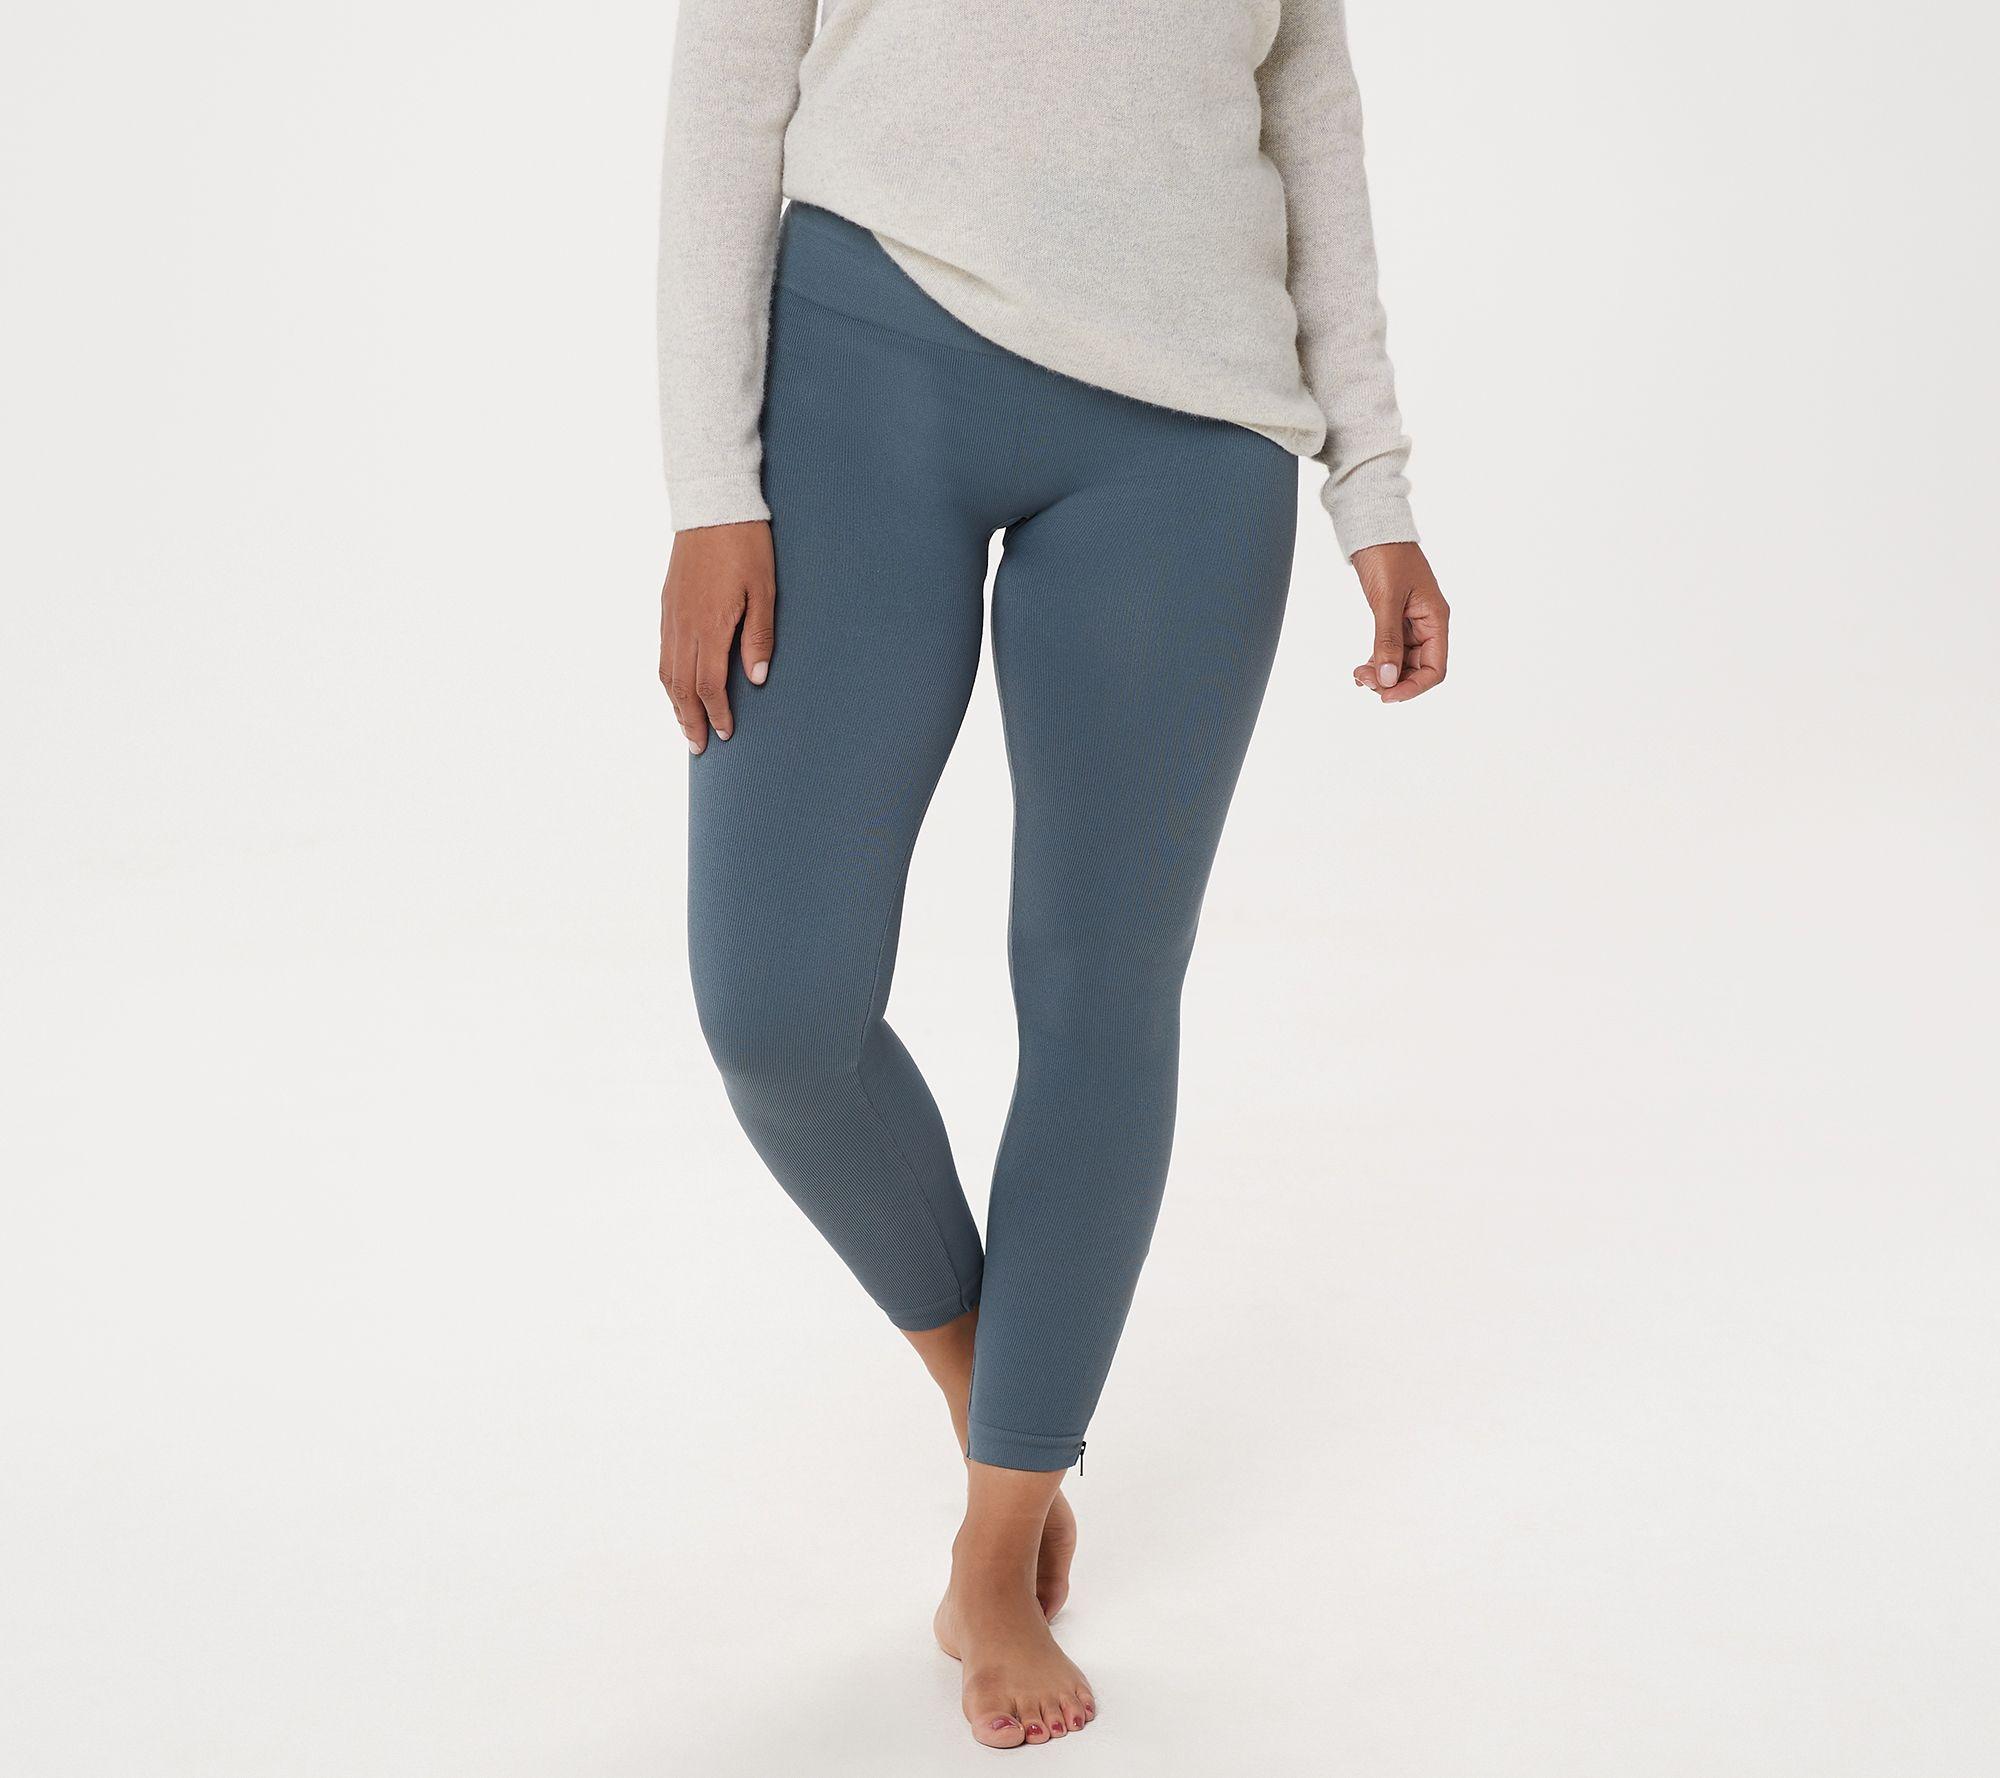 268df1c131e41 Spanx Seamless Side Zip Leggings - Page 1 — QVC.com